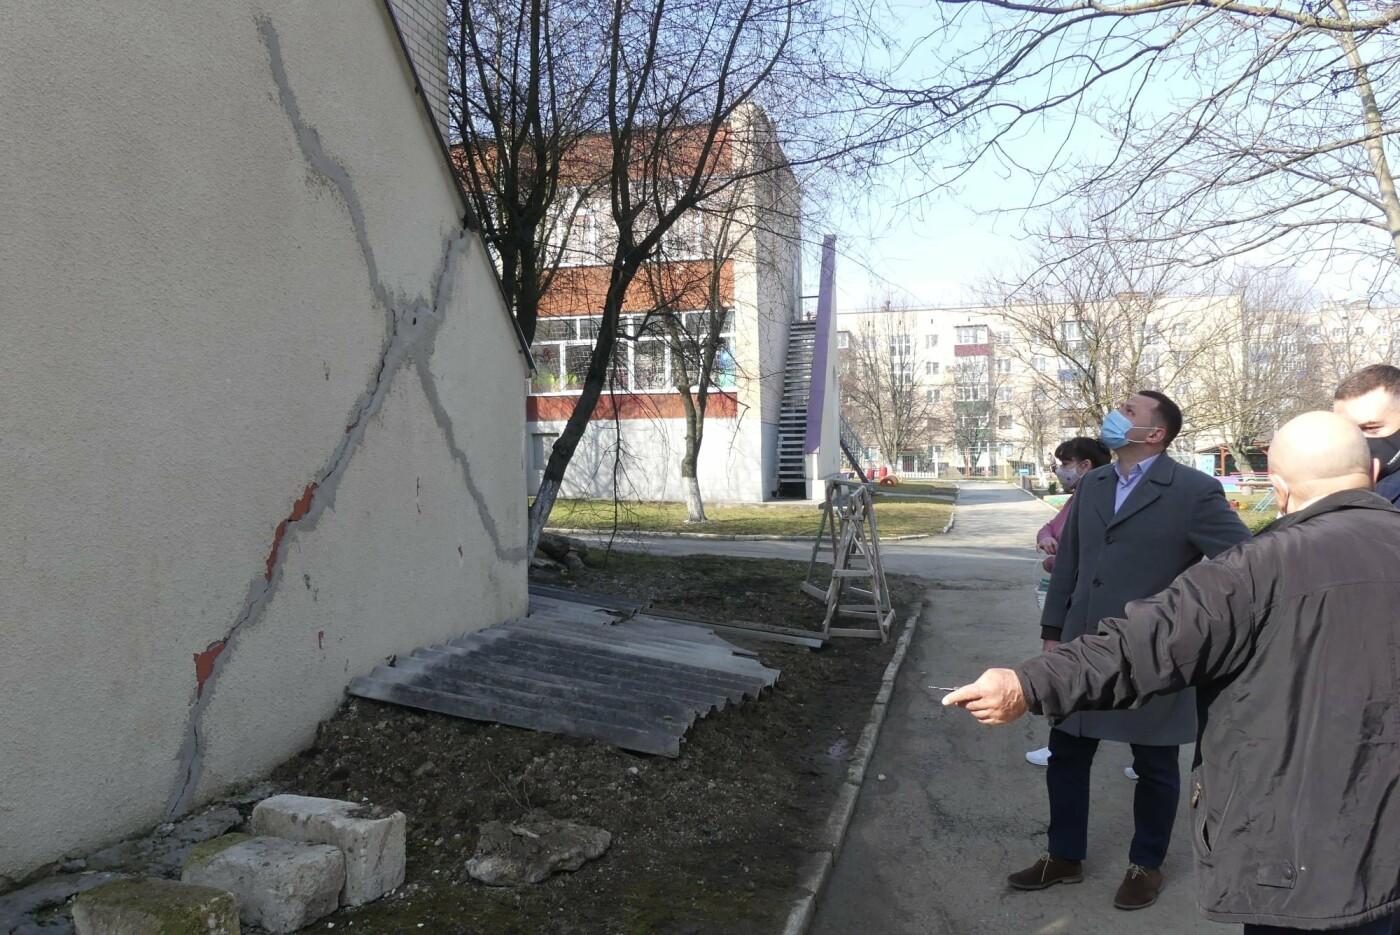 Міський голова Кам'янця-Подільського проінспектував навчальні заклади, фото-4, Фото: Кам'янець-Подільська міська рада